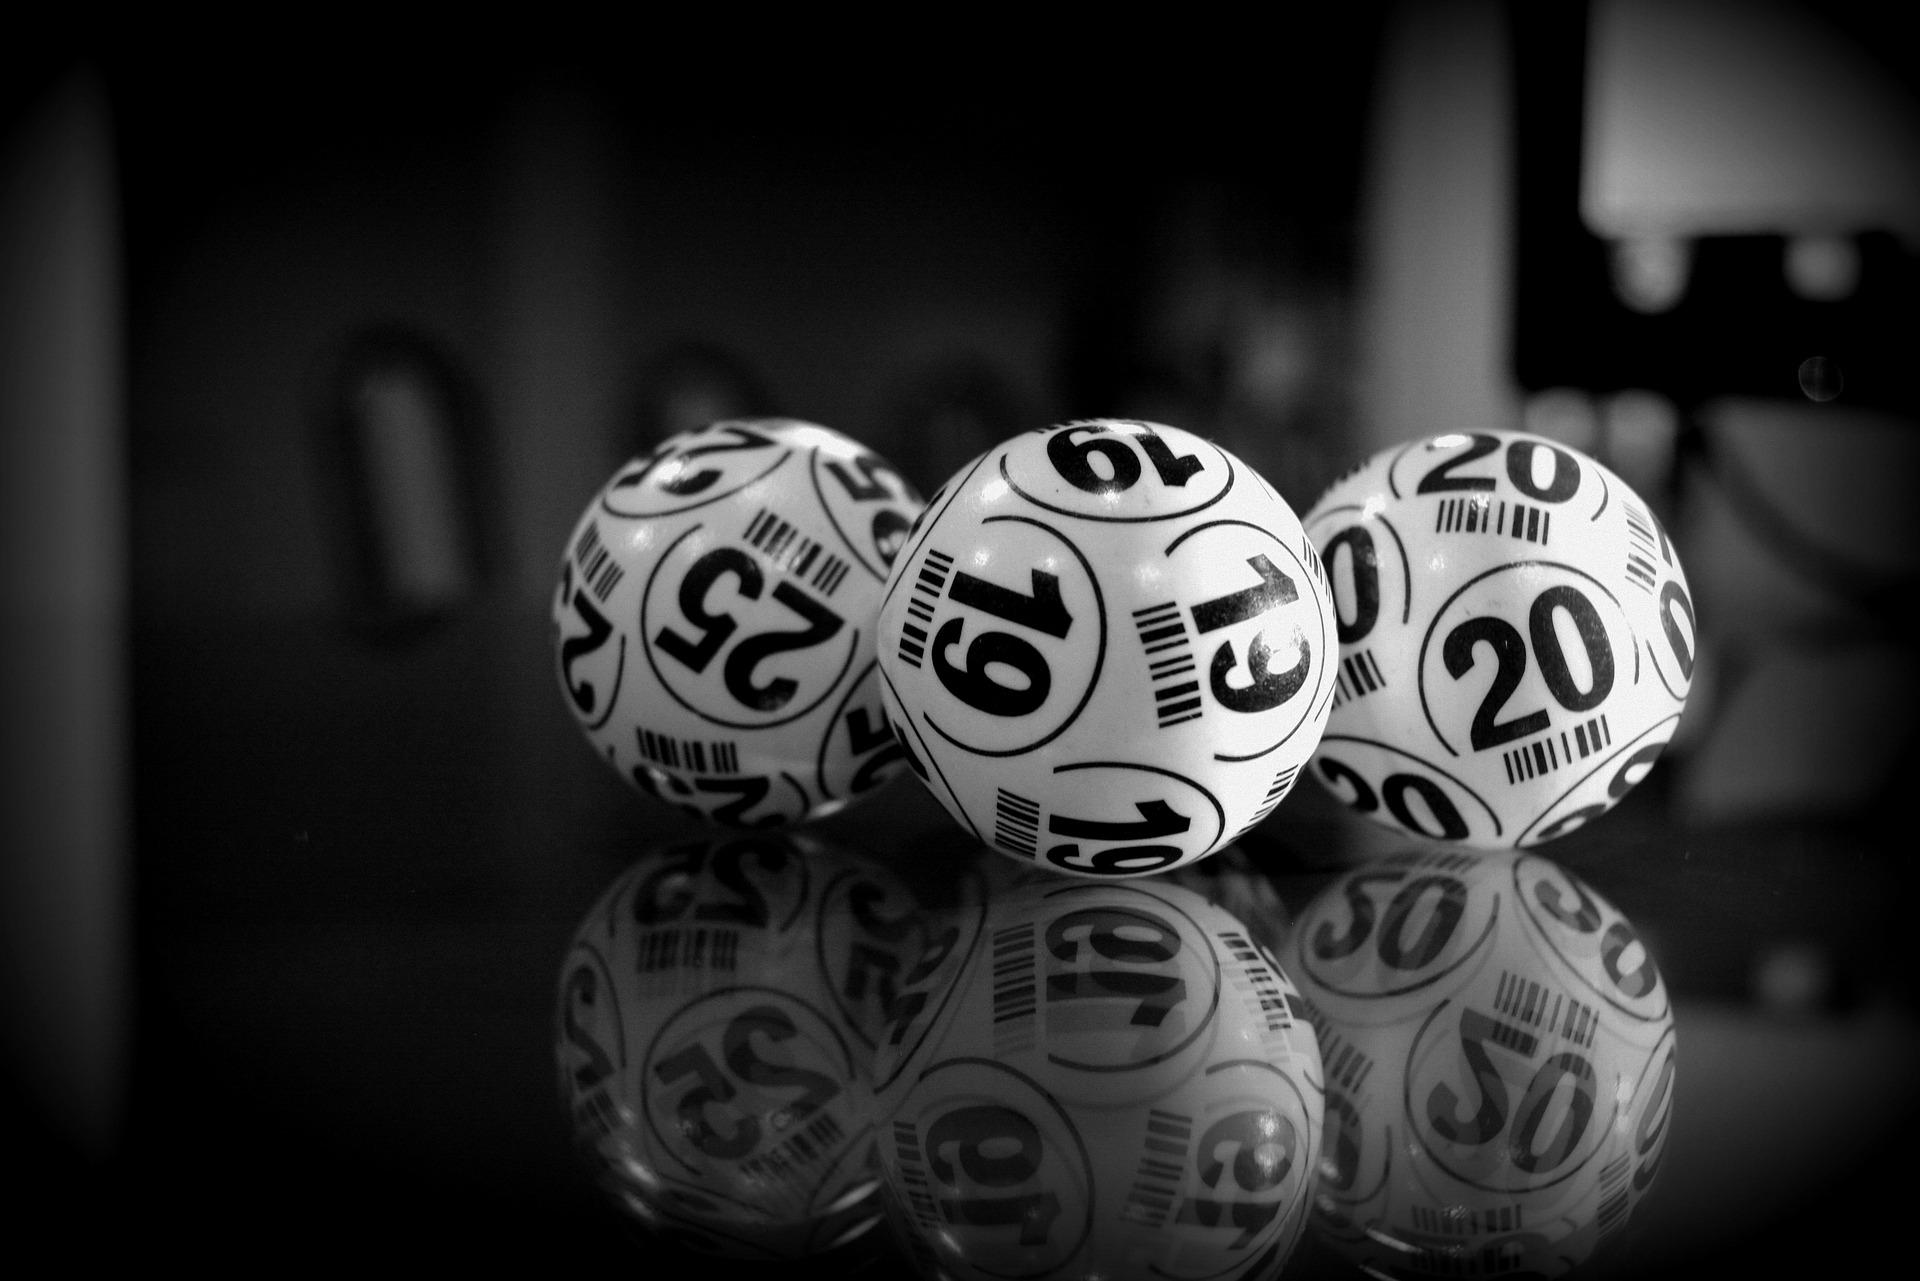 bingo online image